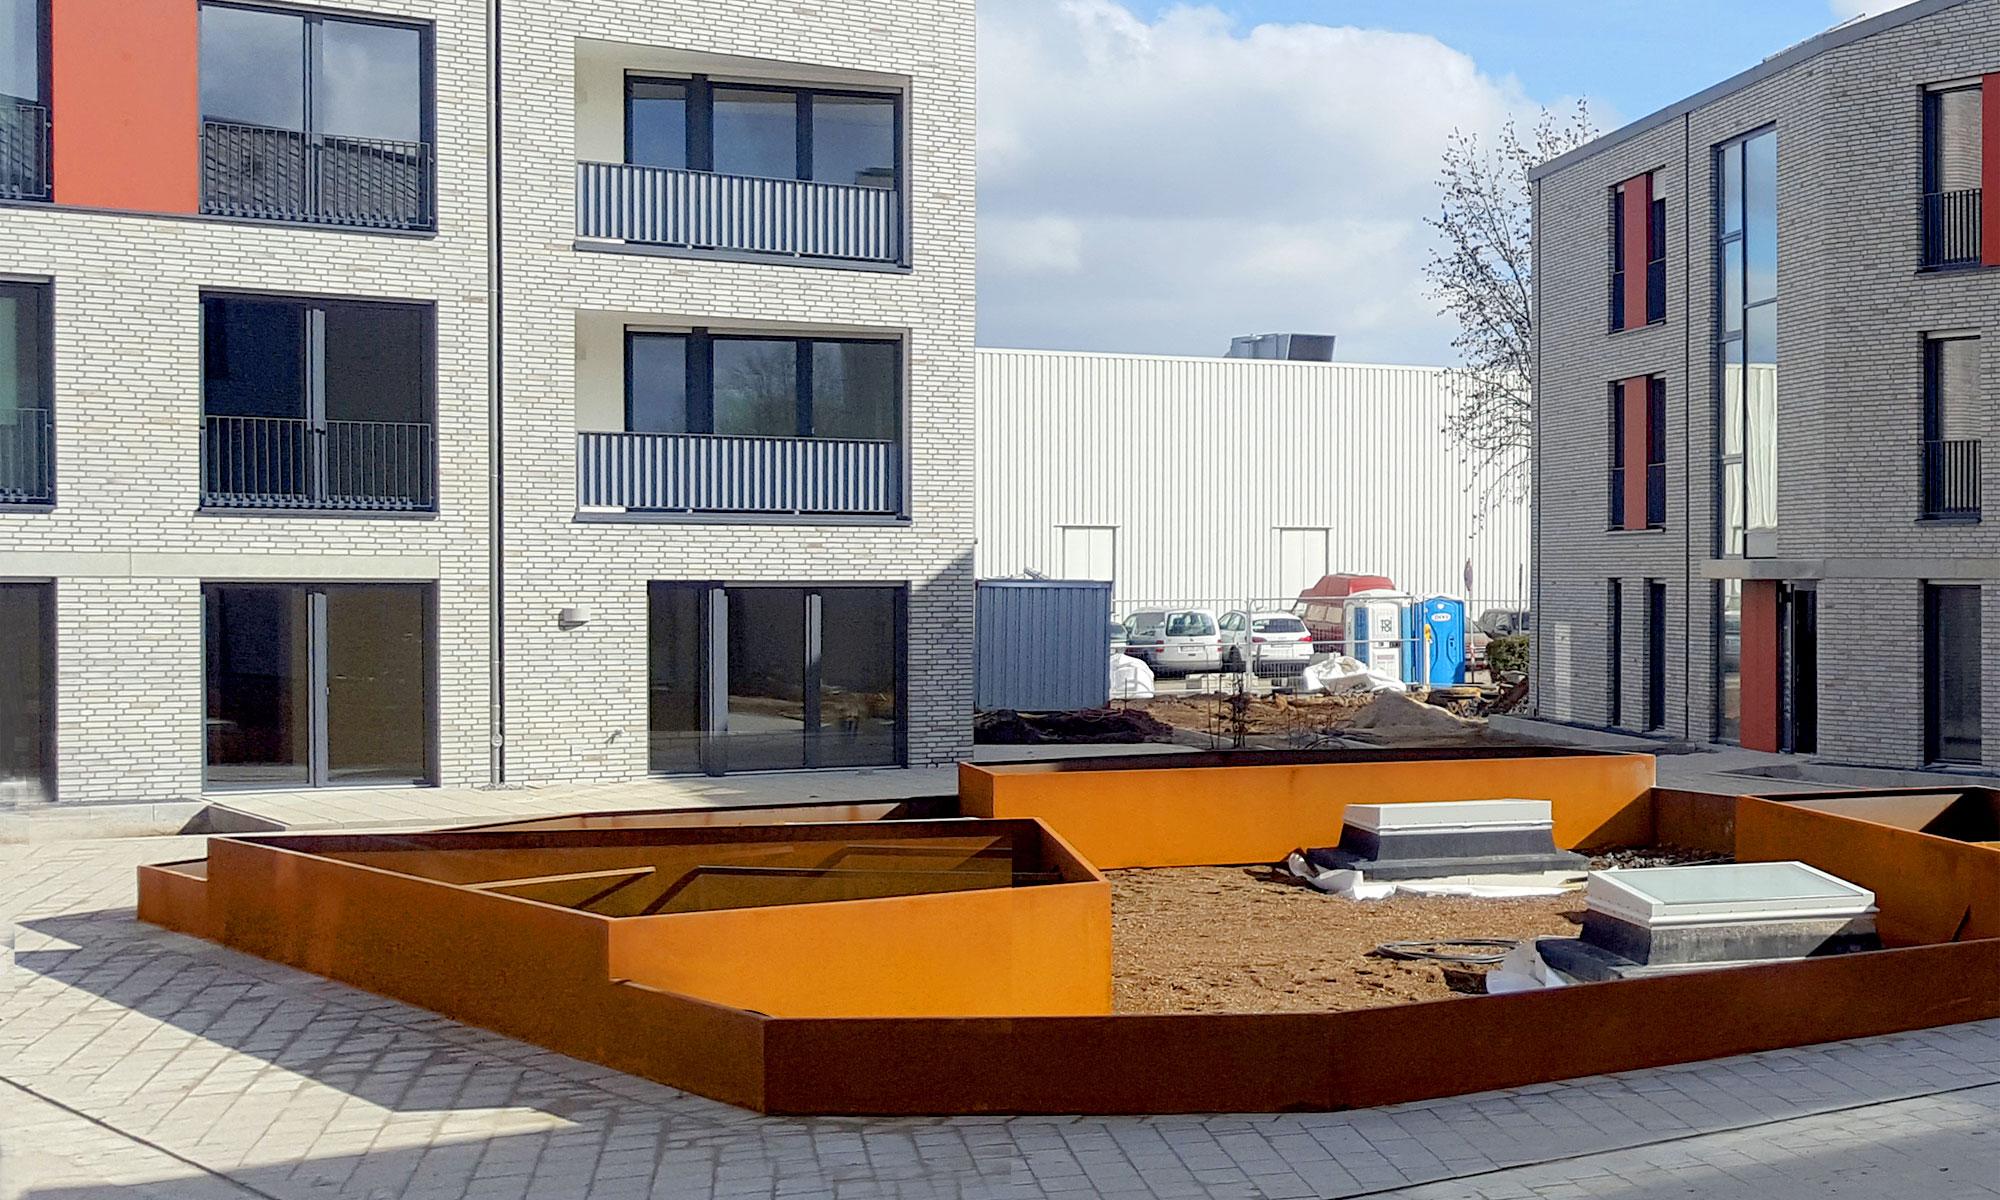 Sosnowski Bau GmbH